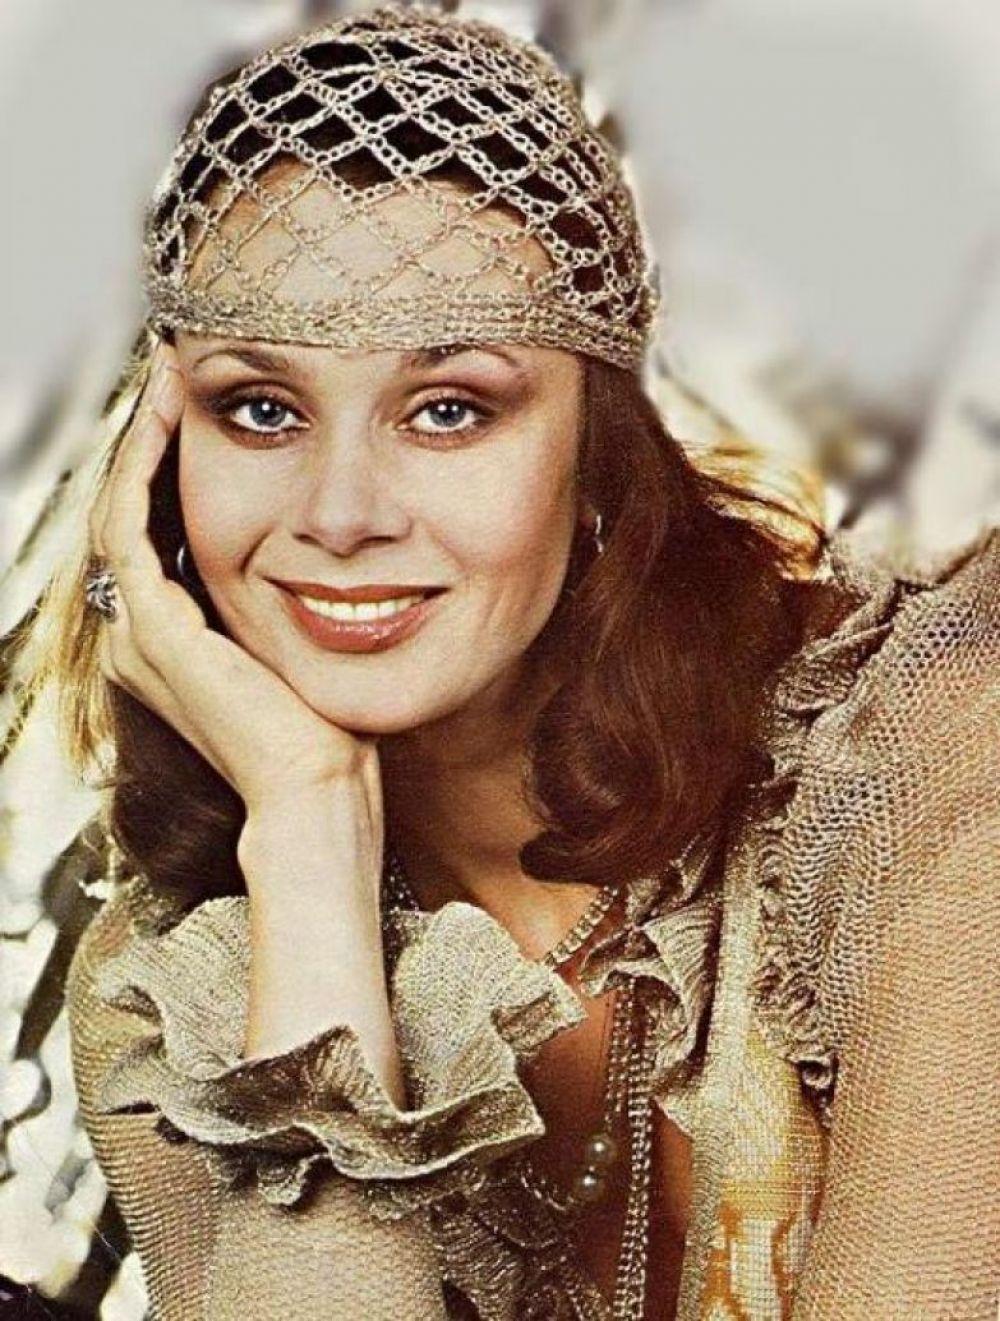 """В 1979-1984 годах Любовь Полищук работает буквально наизнос, снимаясь в кино, участвуя во всех спектаклях и антрепризах, Полищук становится известной. И во многом благодаря своей запоминающейся внешности. В это время актриса снимается в таких фильмах, как """"В моей смерти прошу винить Клаву К."""", """"Дуэнья"""""""